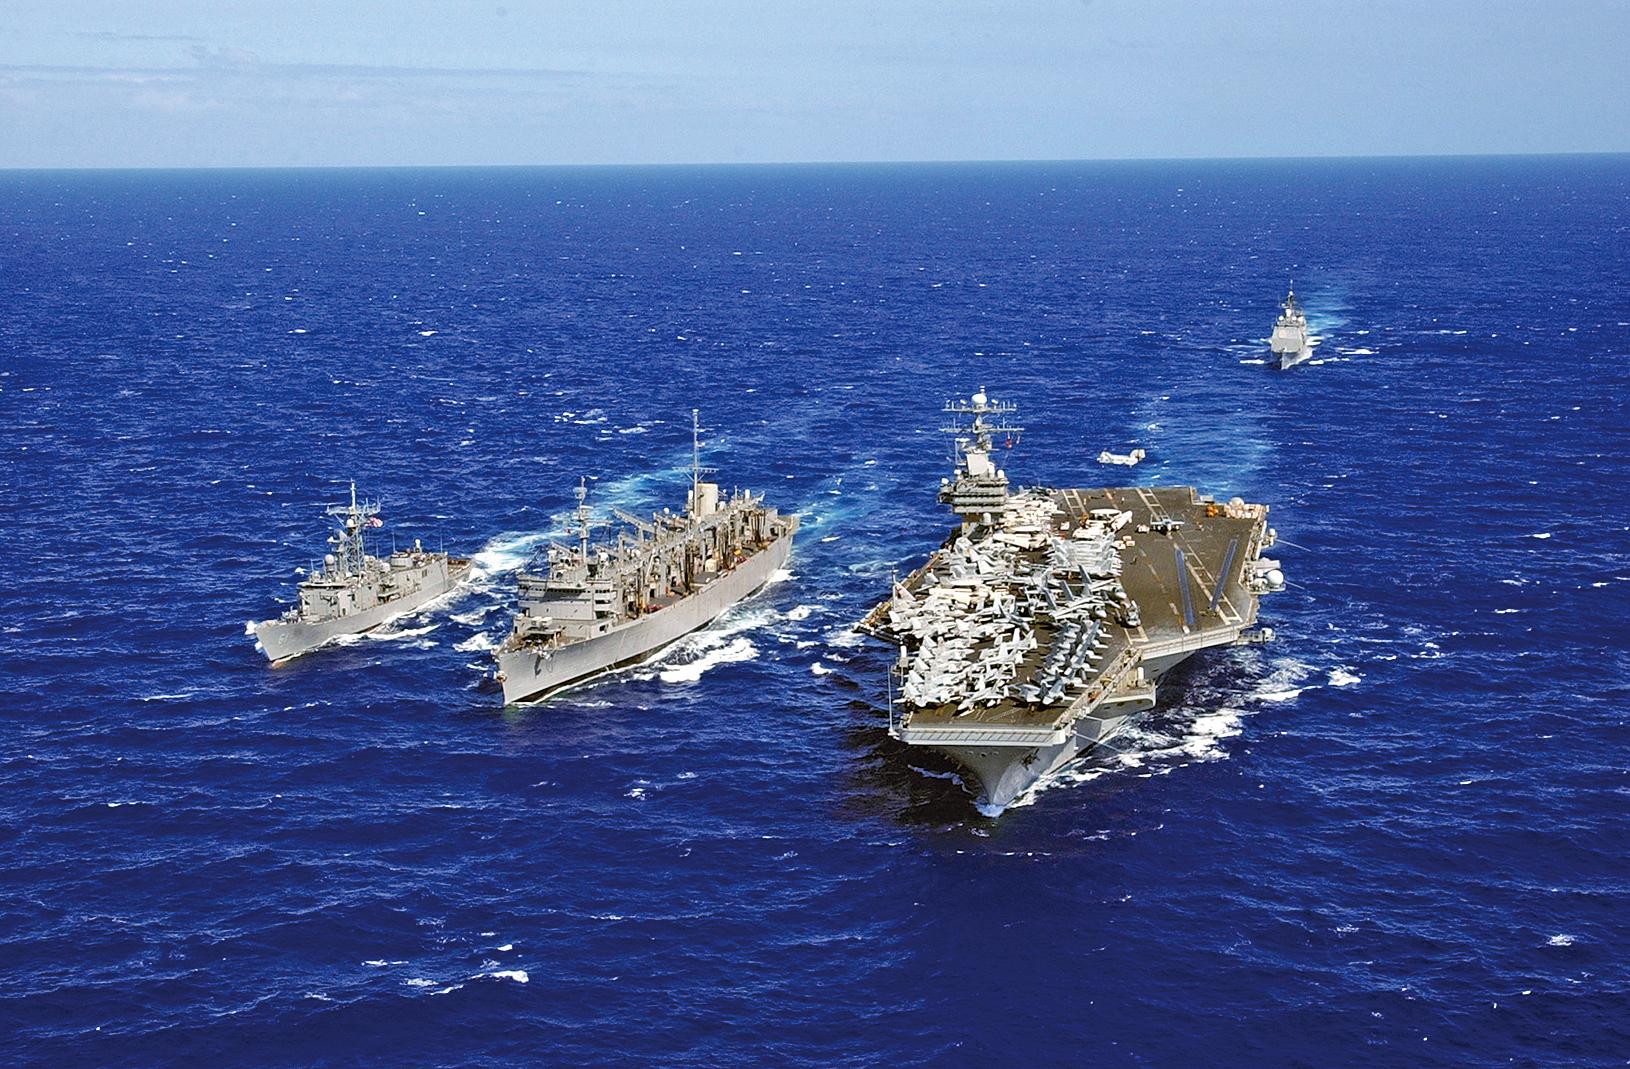 美國軍方9日證實,卡爾文森號航母戰鬥群重返西太平洋,逼近朝鮮半島附近海域,有威懾北韓之意。(維基百科)